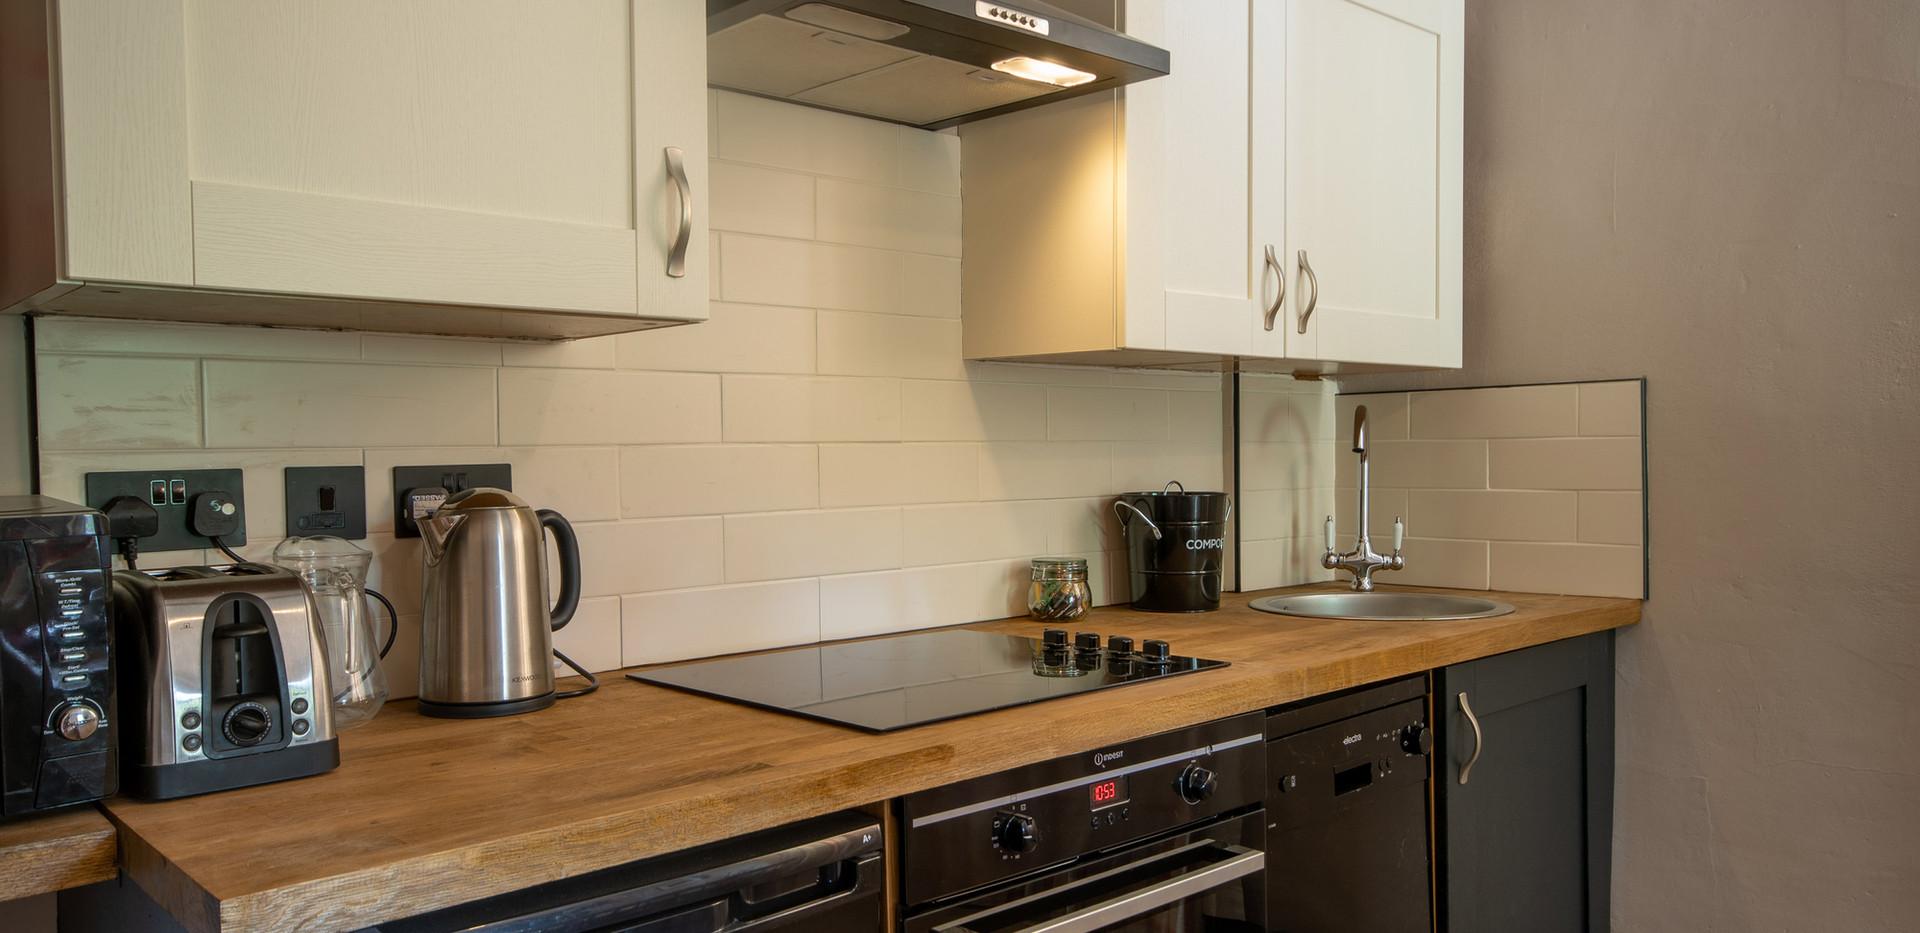 Lathkill Kitchen.jpg